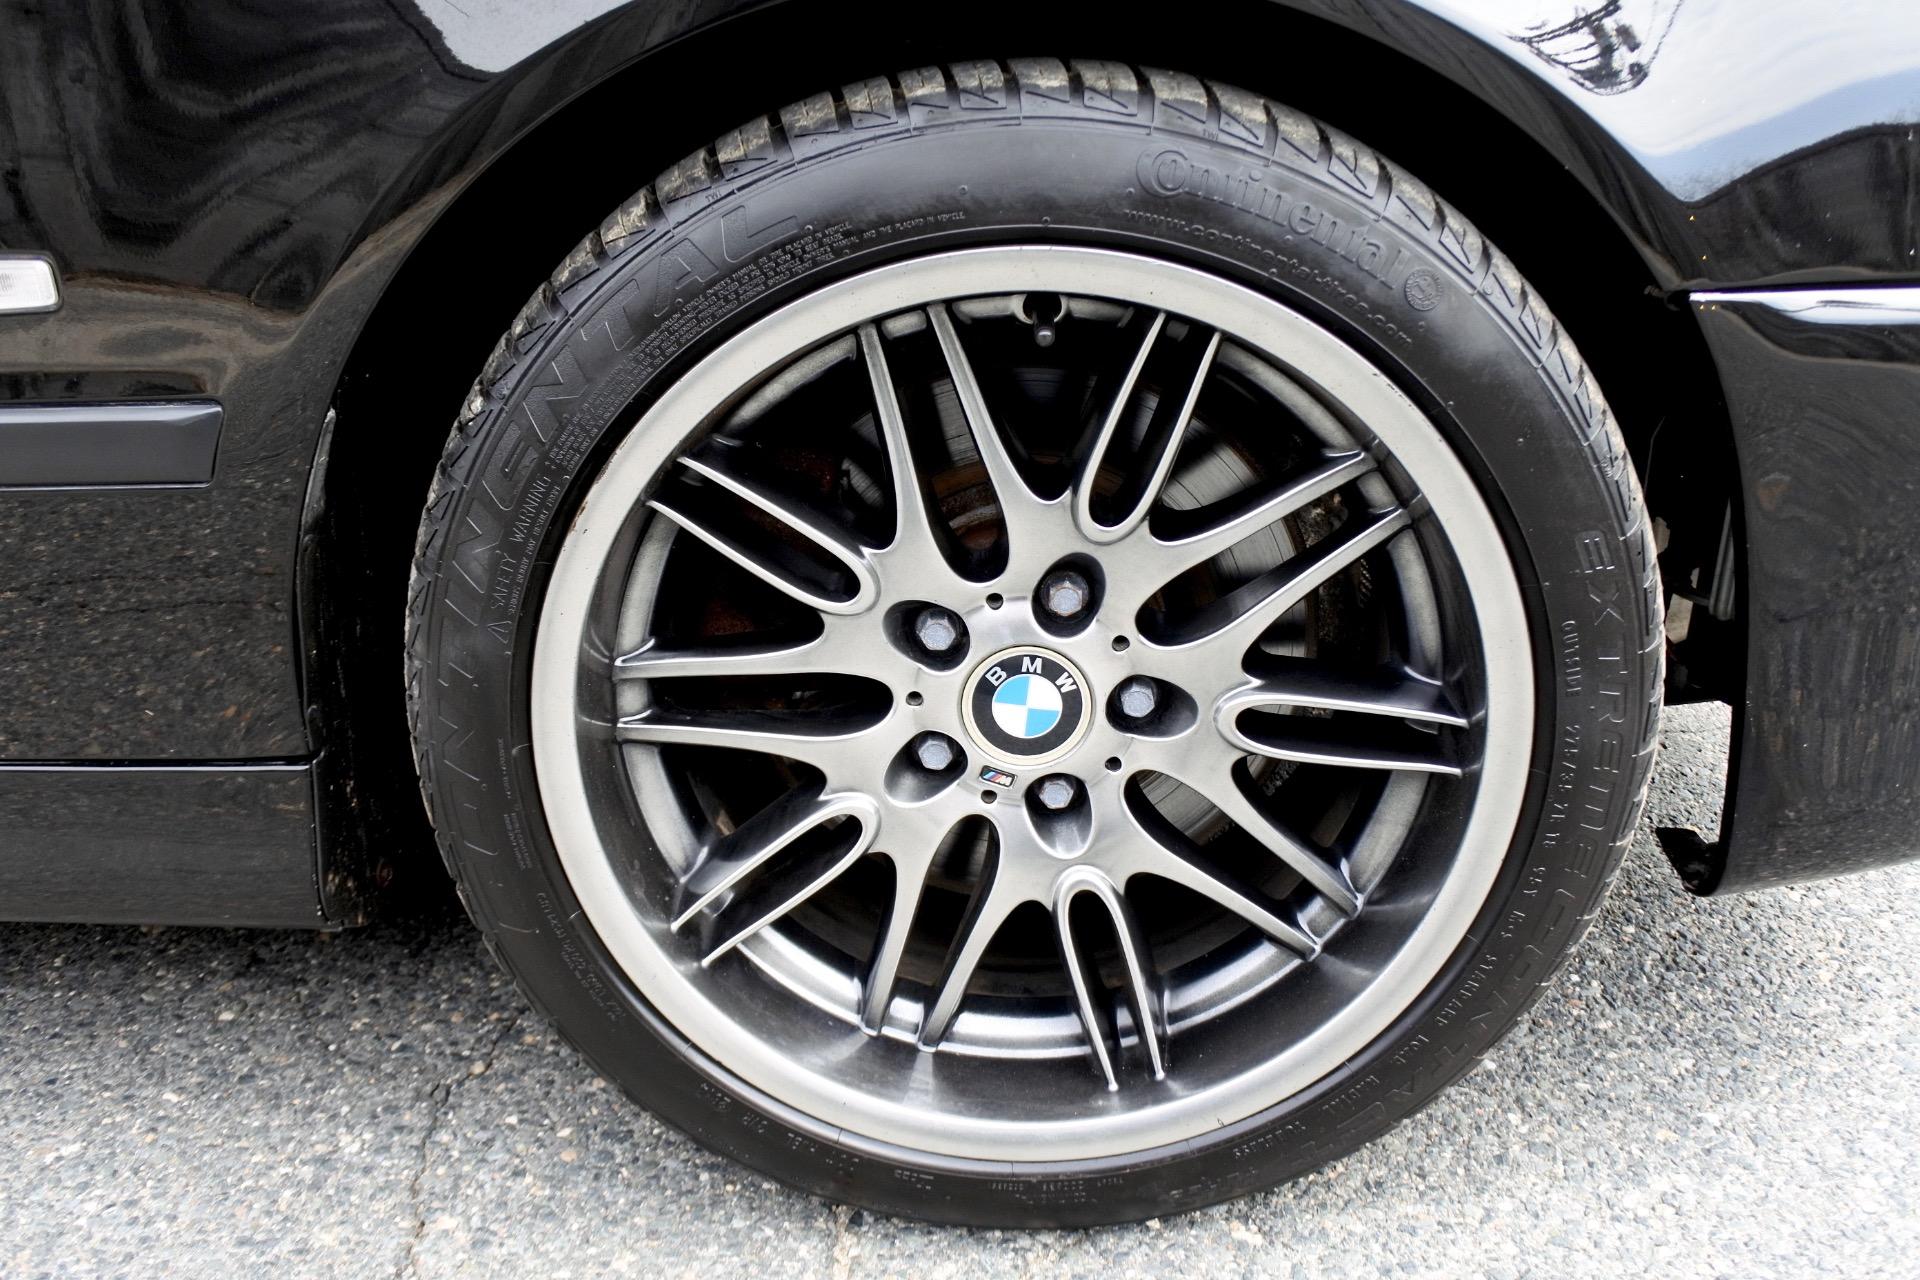 Used 2001 BMW 5 Series M5 4dr Sdn 6-Spd Manual Used 2001 BMW 5 Series M5 4dr Sdn 6-Spd Manual for sale  at Metro West Motorcars LLC in Shrewsbury MA 22